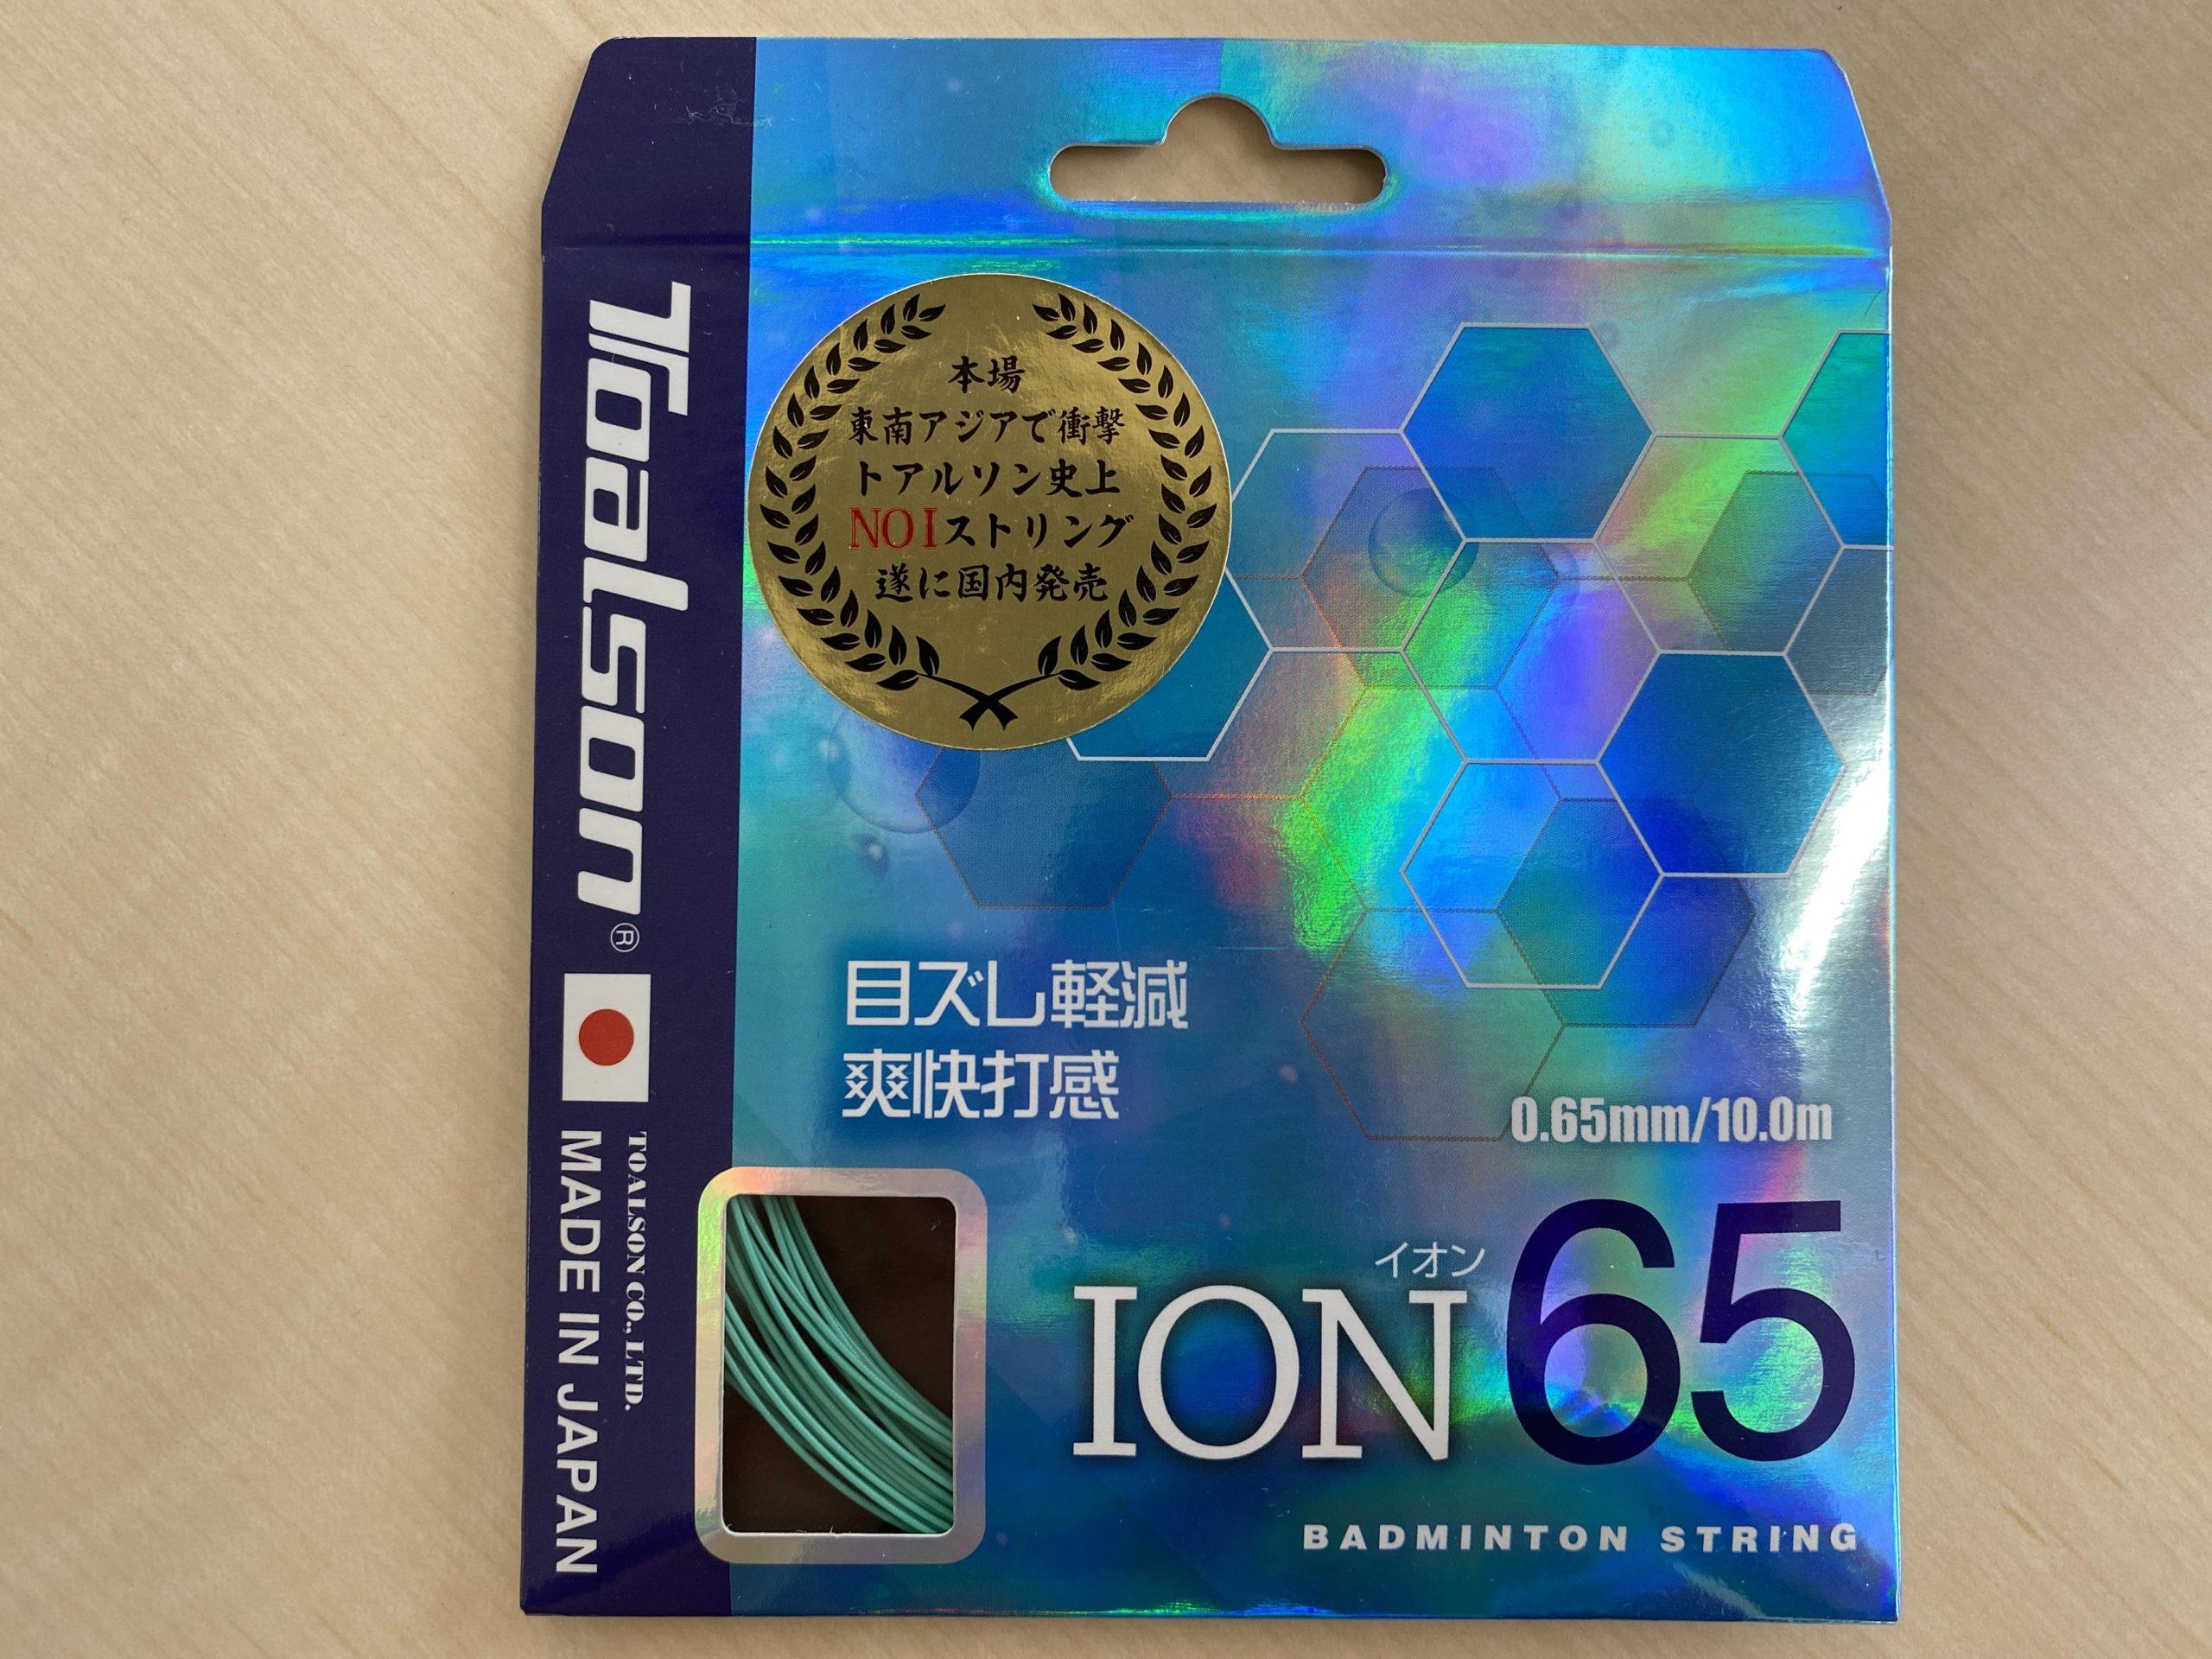 【爽快打感】トアルソン(TOALSON)-ION65 バドミントンガットについて【レビュー・評判】